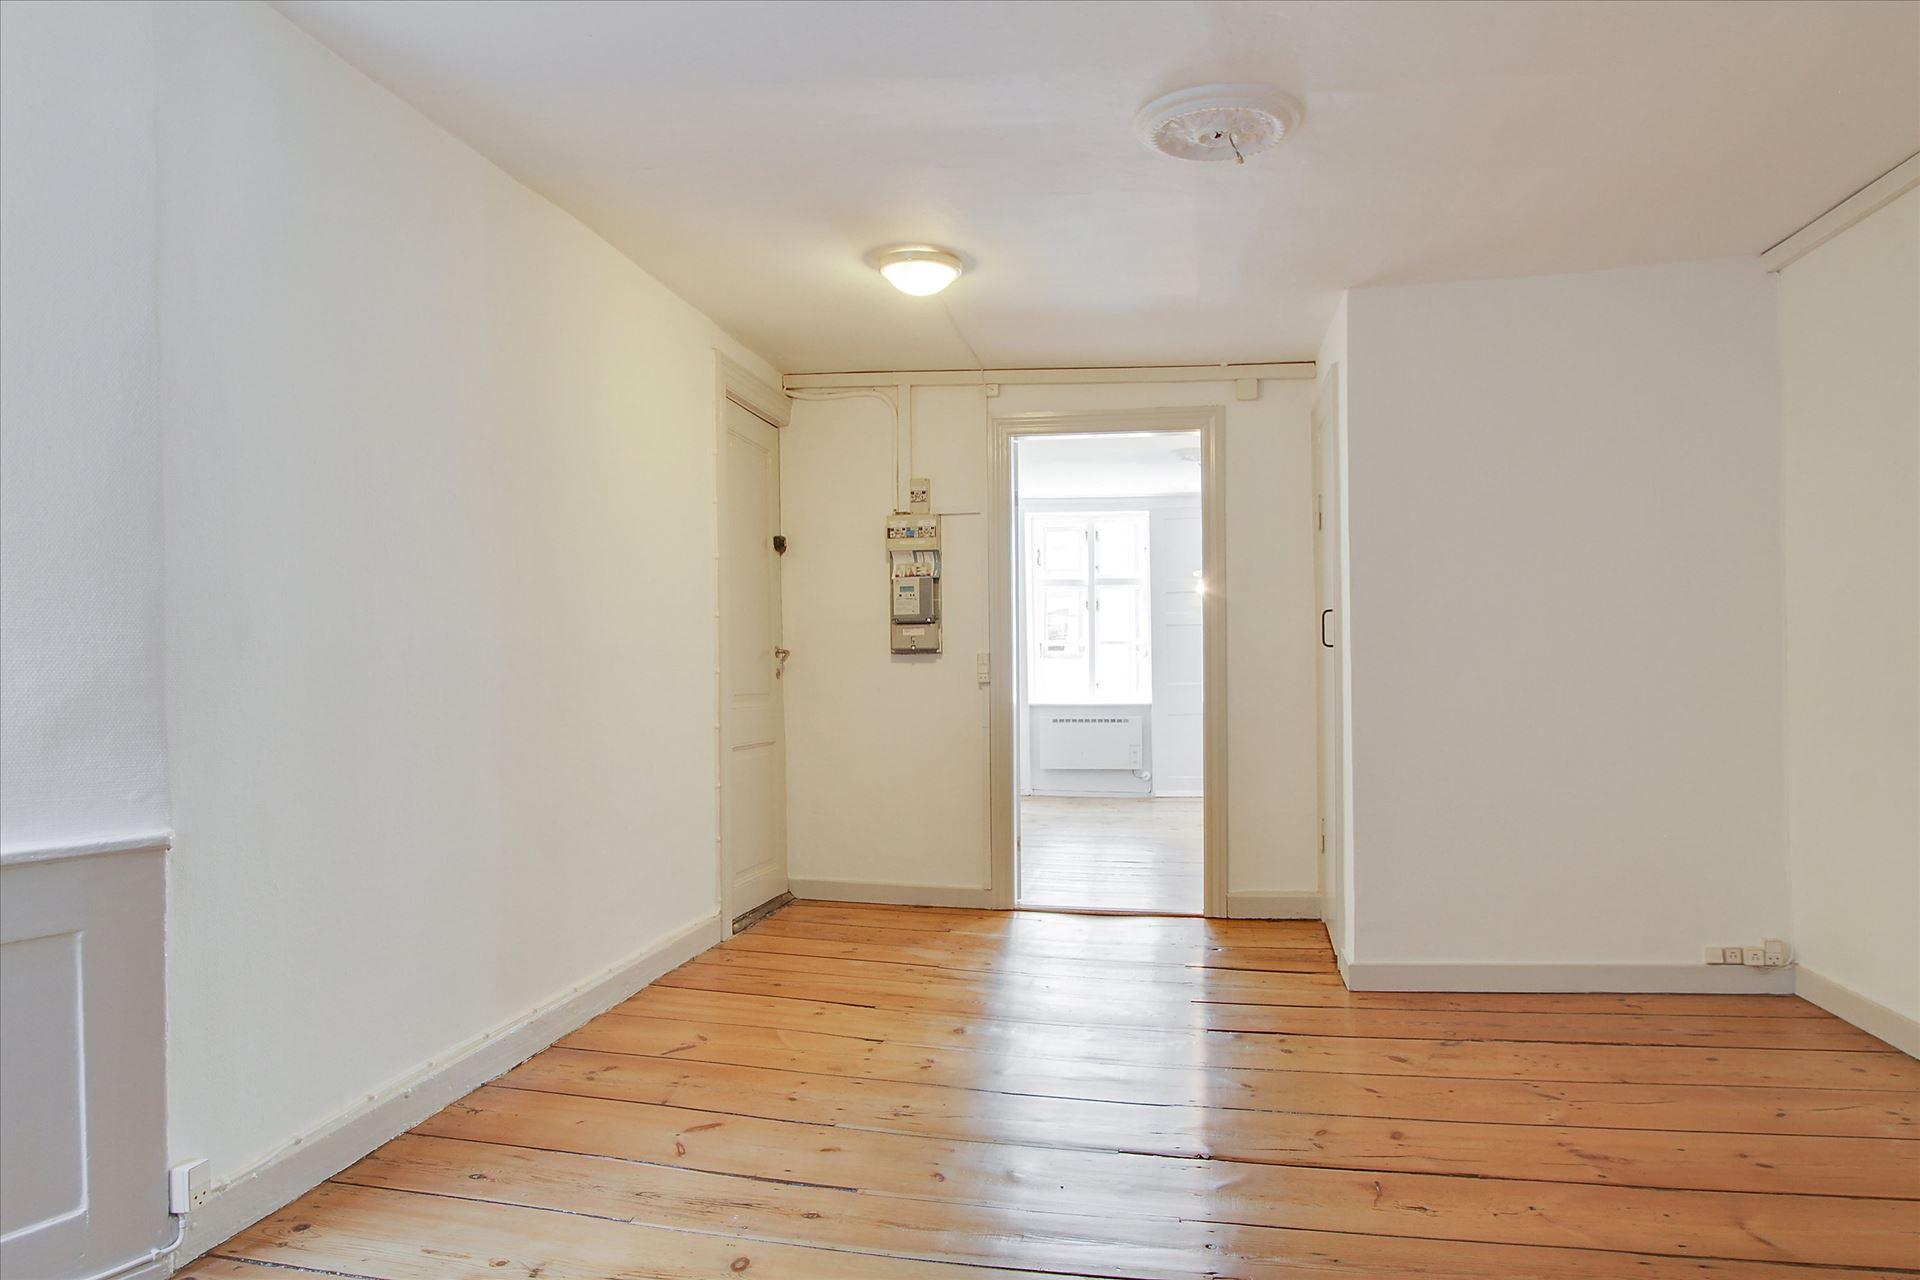 73 m² kontor / klinik – København City